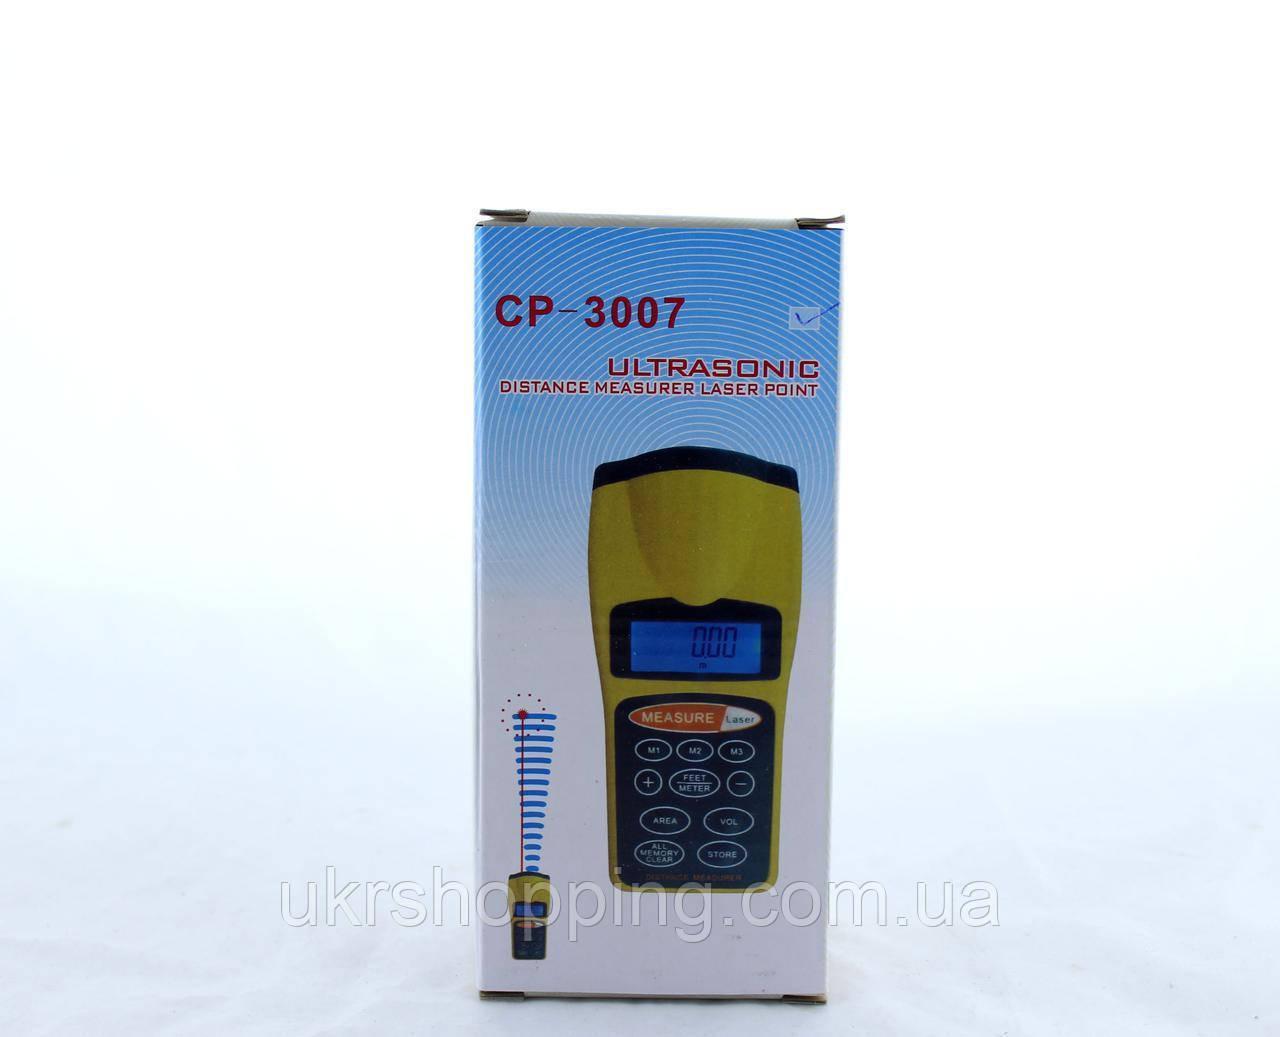 Дальномер, ultrasonic, cp 3007, лазерный дальномер, служит как, лазерная линейка с доставкой